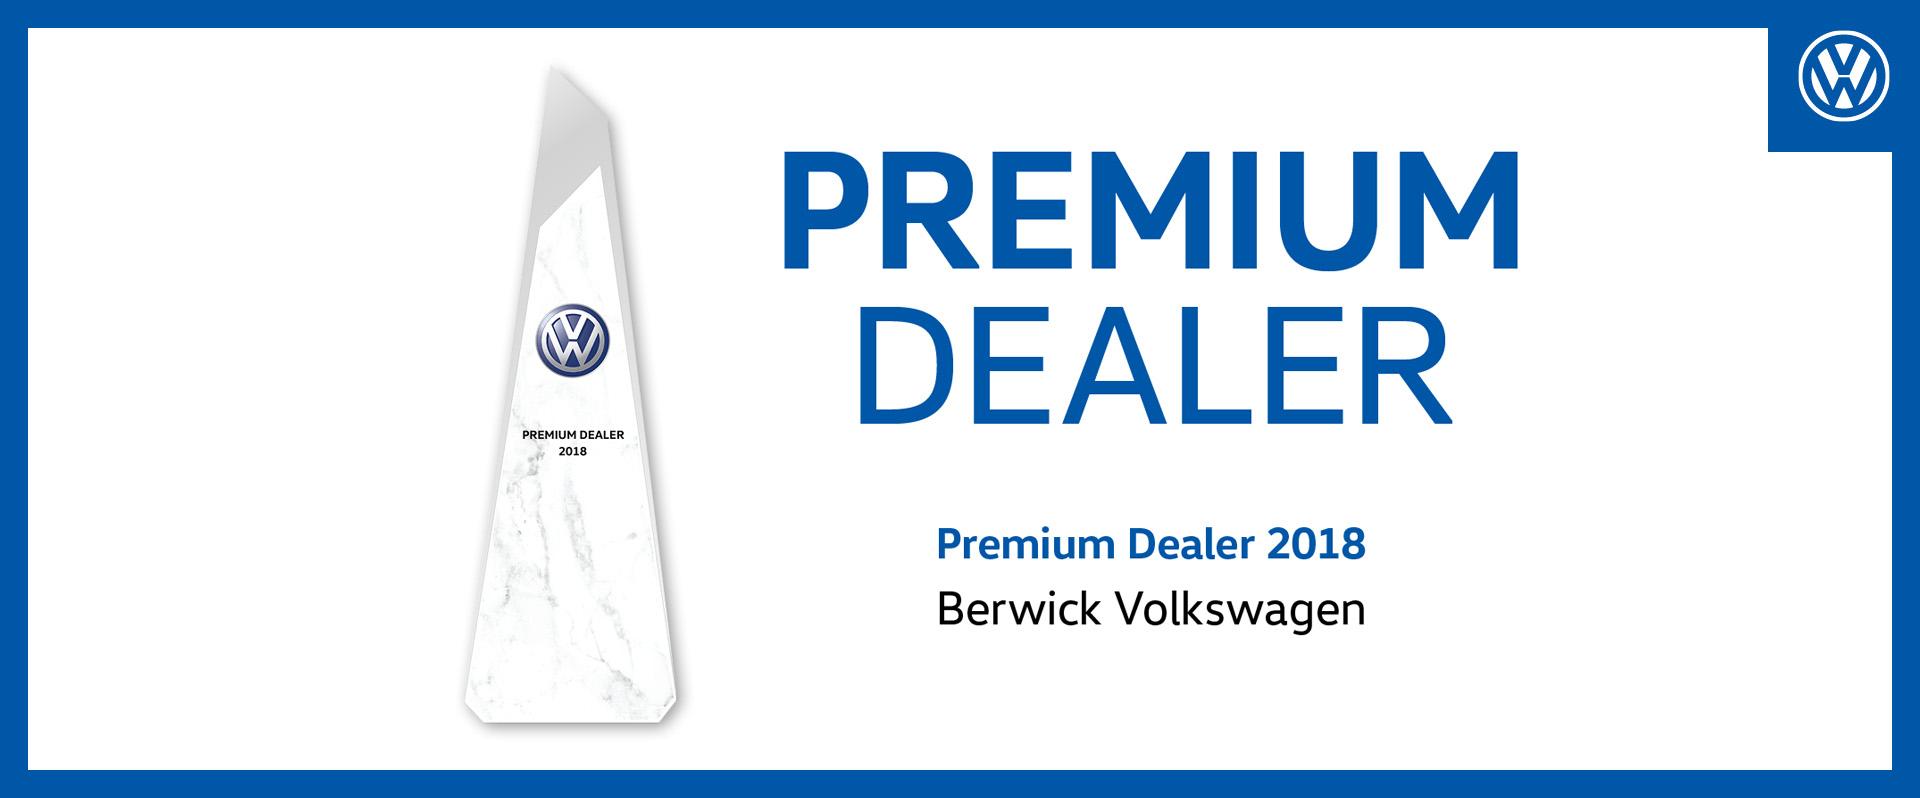 Berwick Volkswagen - Premium Dealer